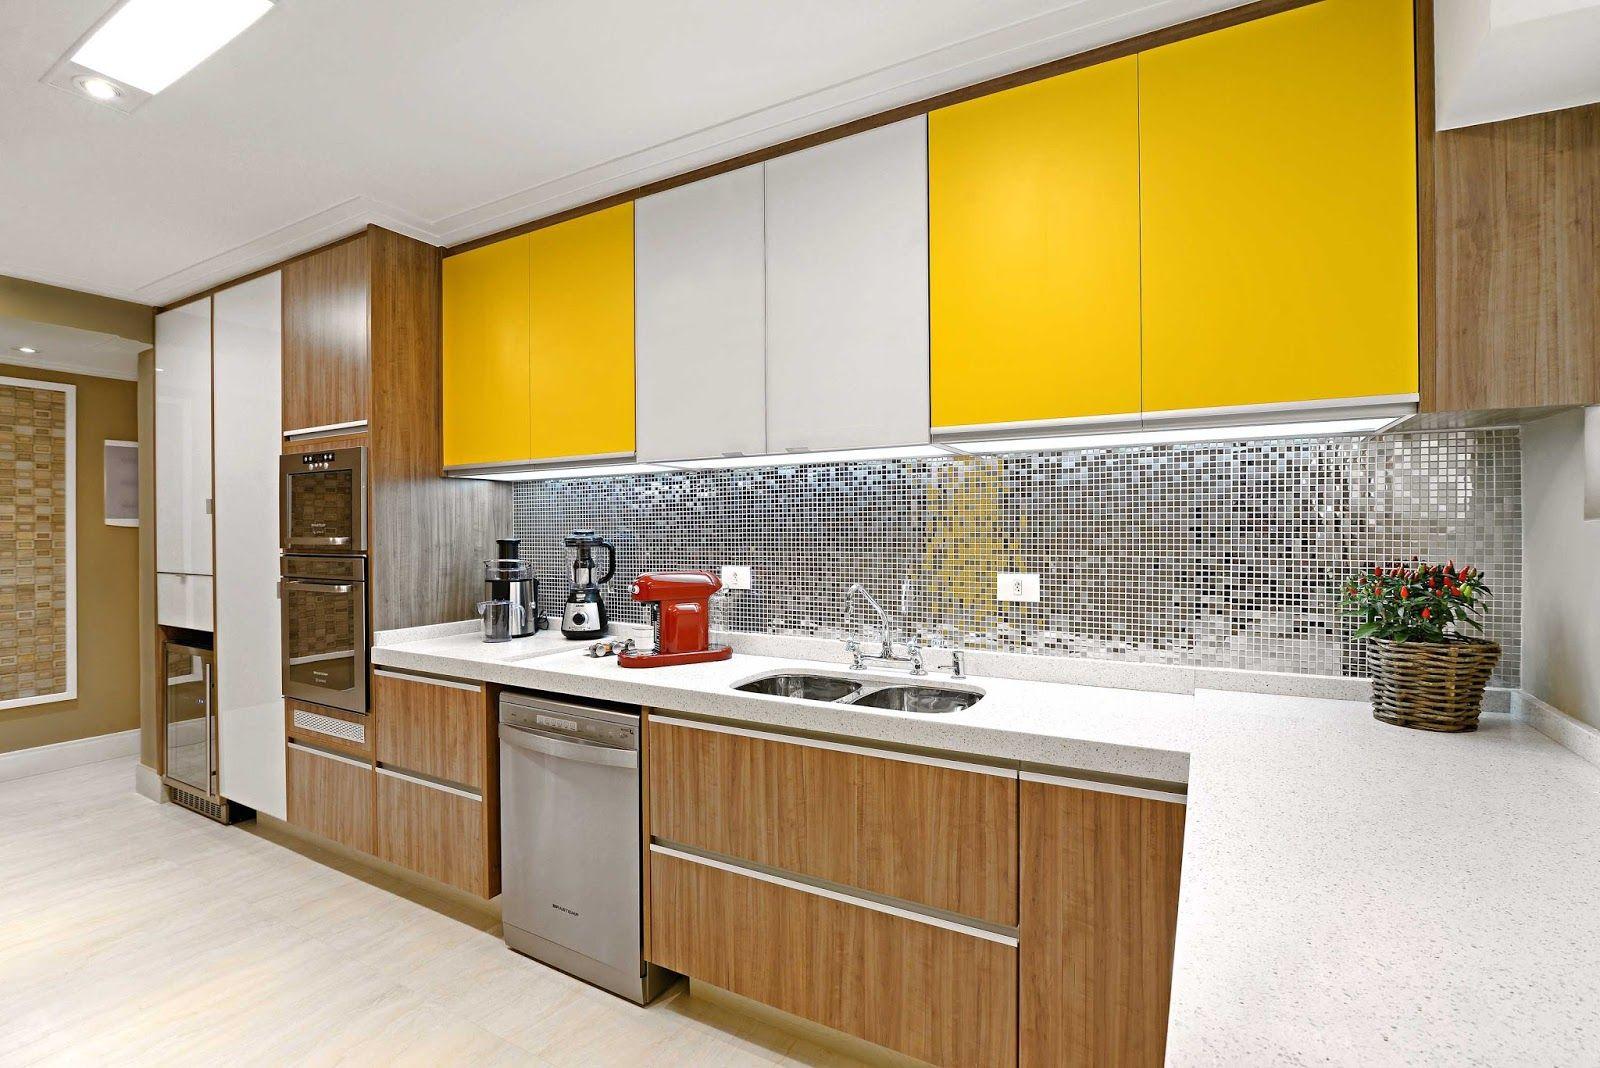 #C89B03  : Consultoria de Decoração: Cozinha Lavanderia e Sala de Estar 1600x1068 píxeis em Decoração Sala De Estar Em Vermelho